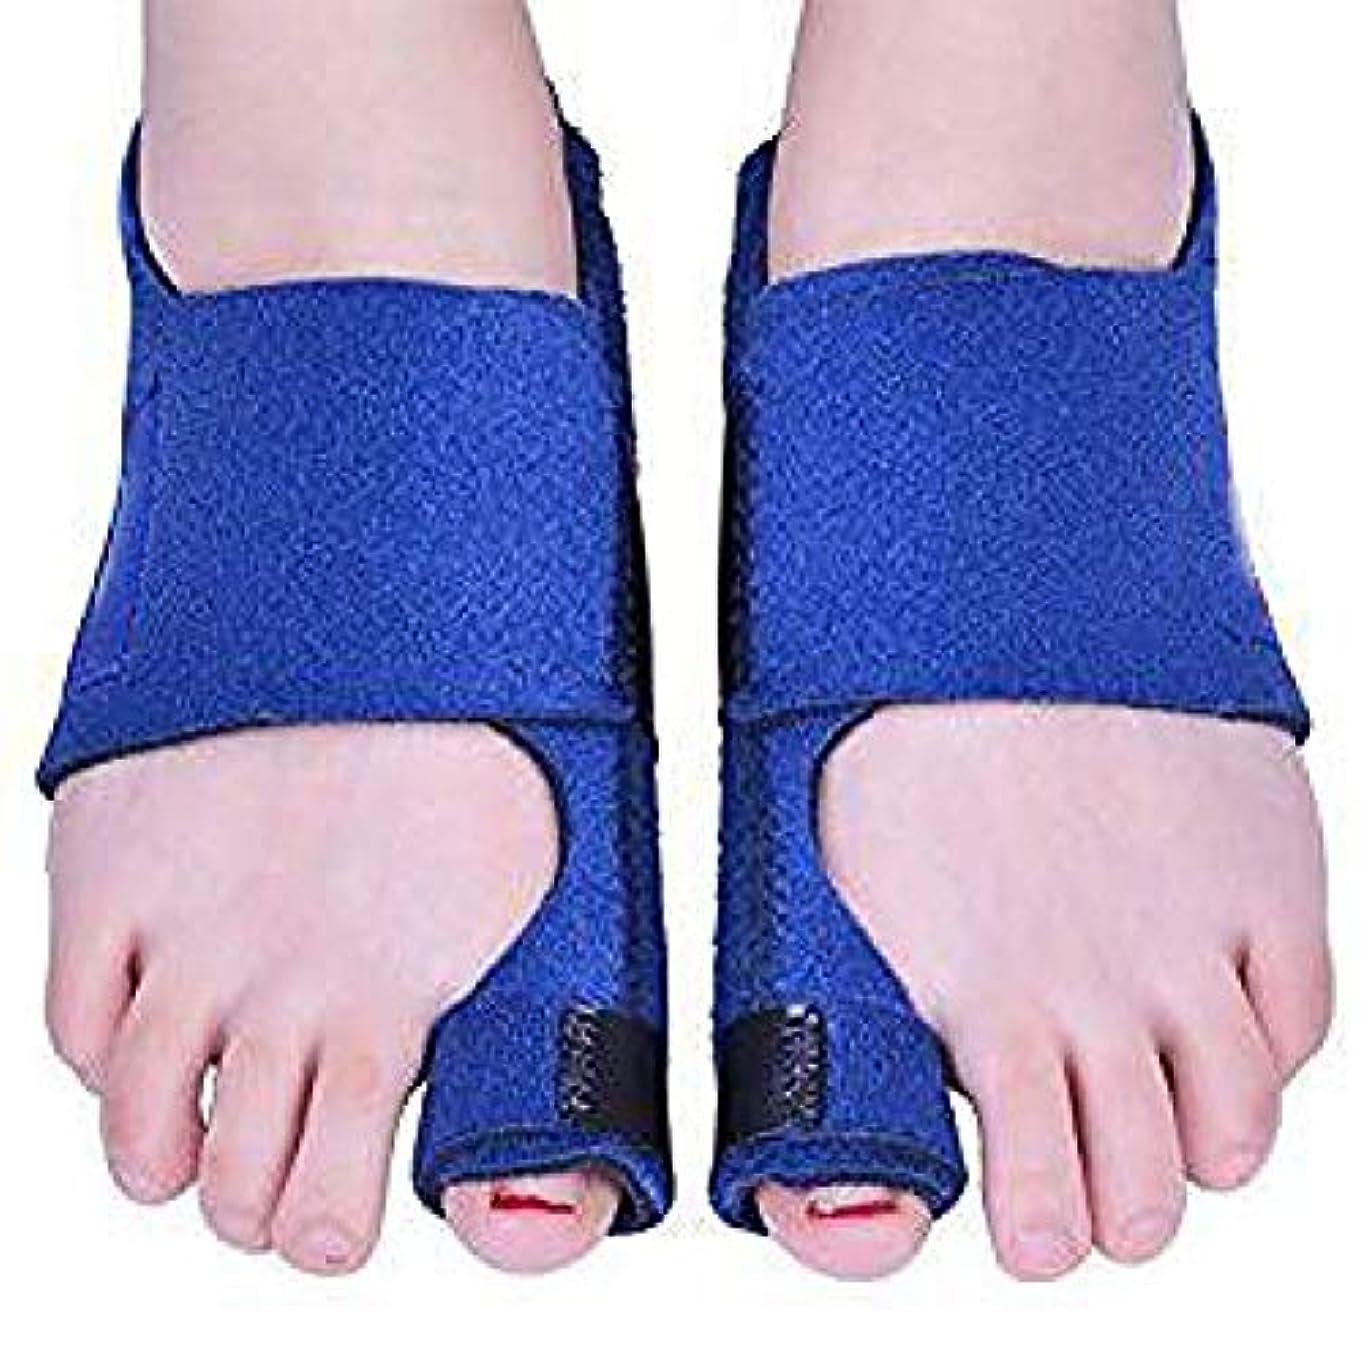 十分に編集する主観的つま先矯正、重なったハンマー用のつま先のケア、つま先の痛み、平らな足の痛み、男性と女性用のつま先のストレートナー,Blue